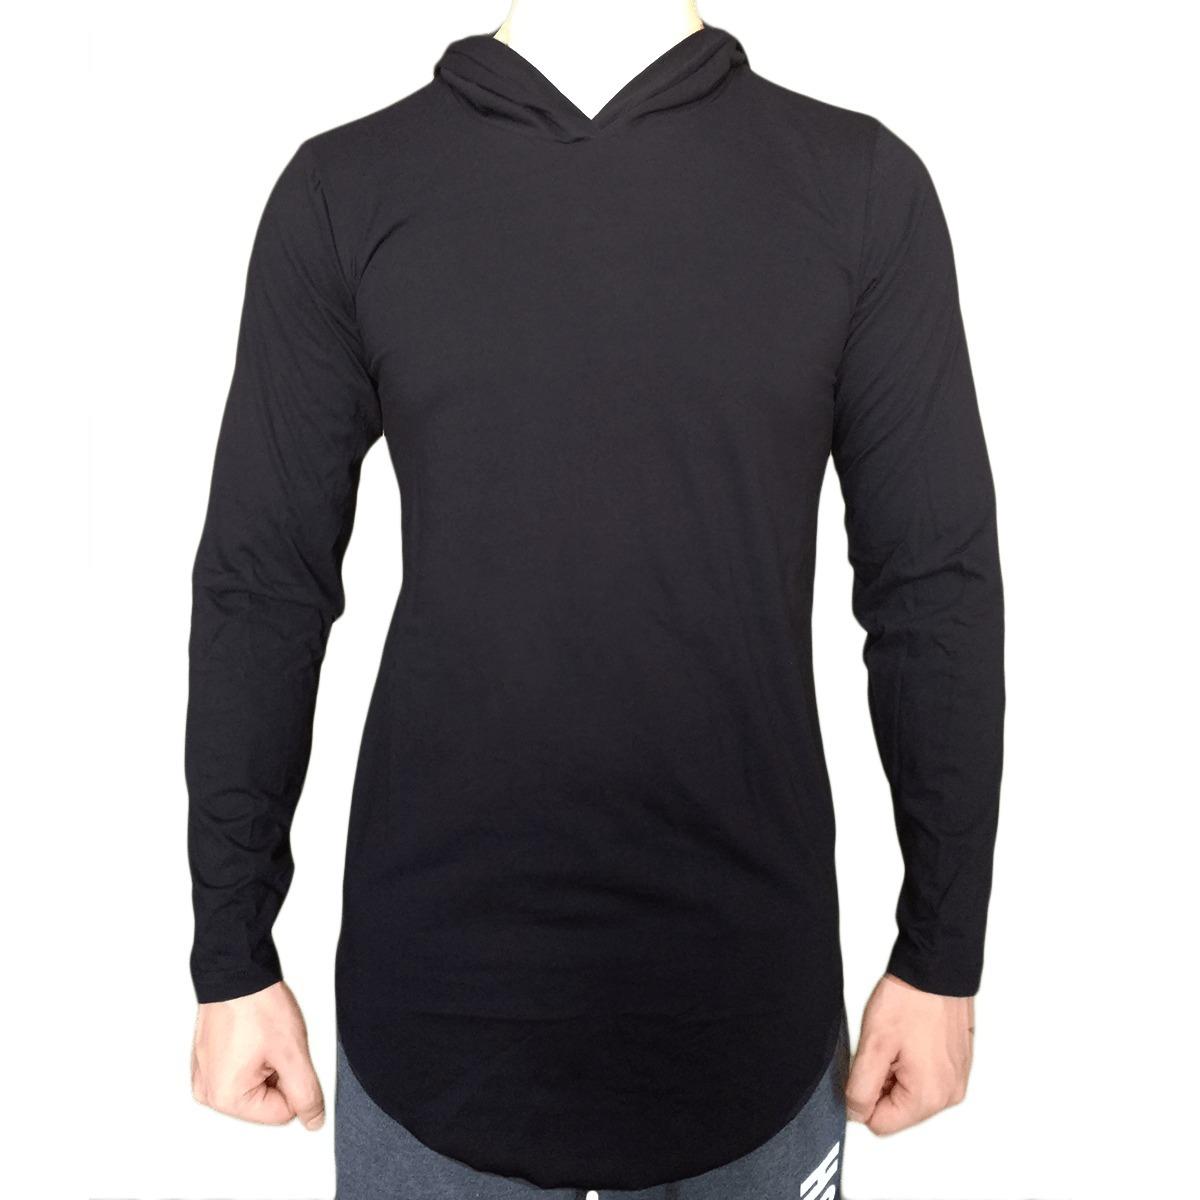 9692f2345 camisa camiseta oversized swag capuz manga longa masculina. Carregando zoom.